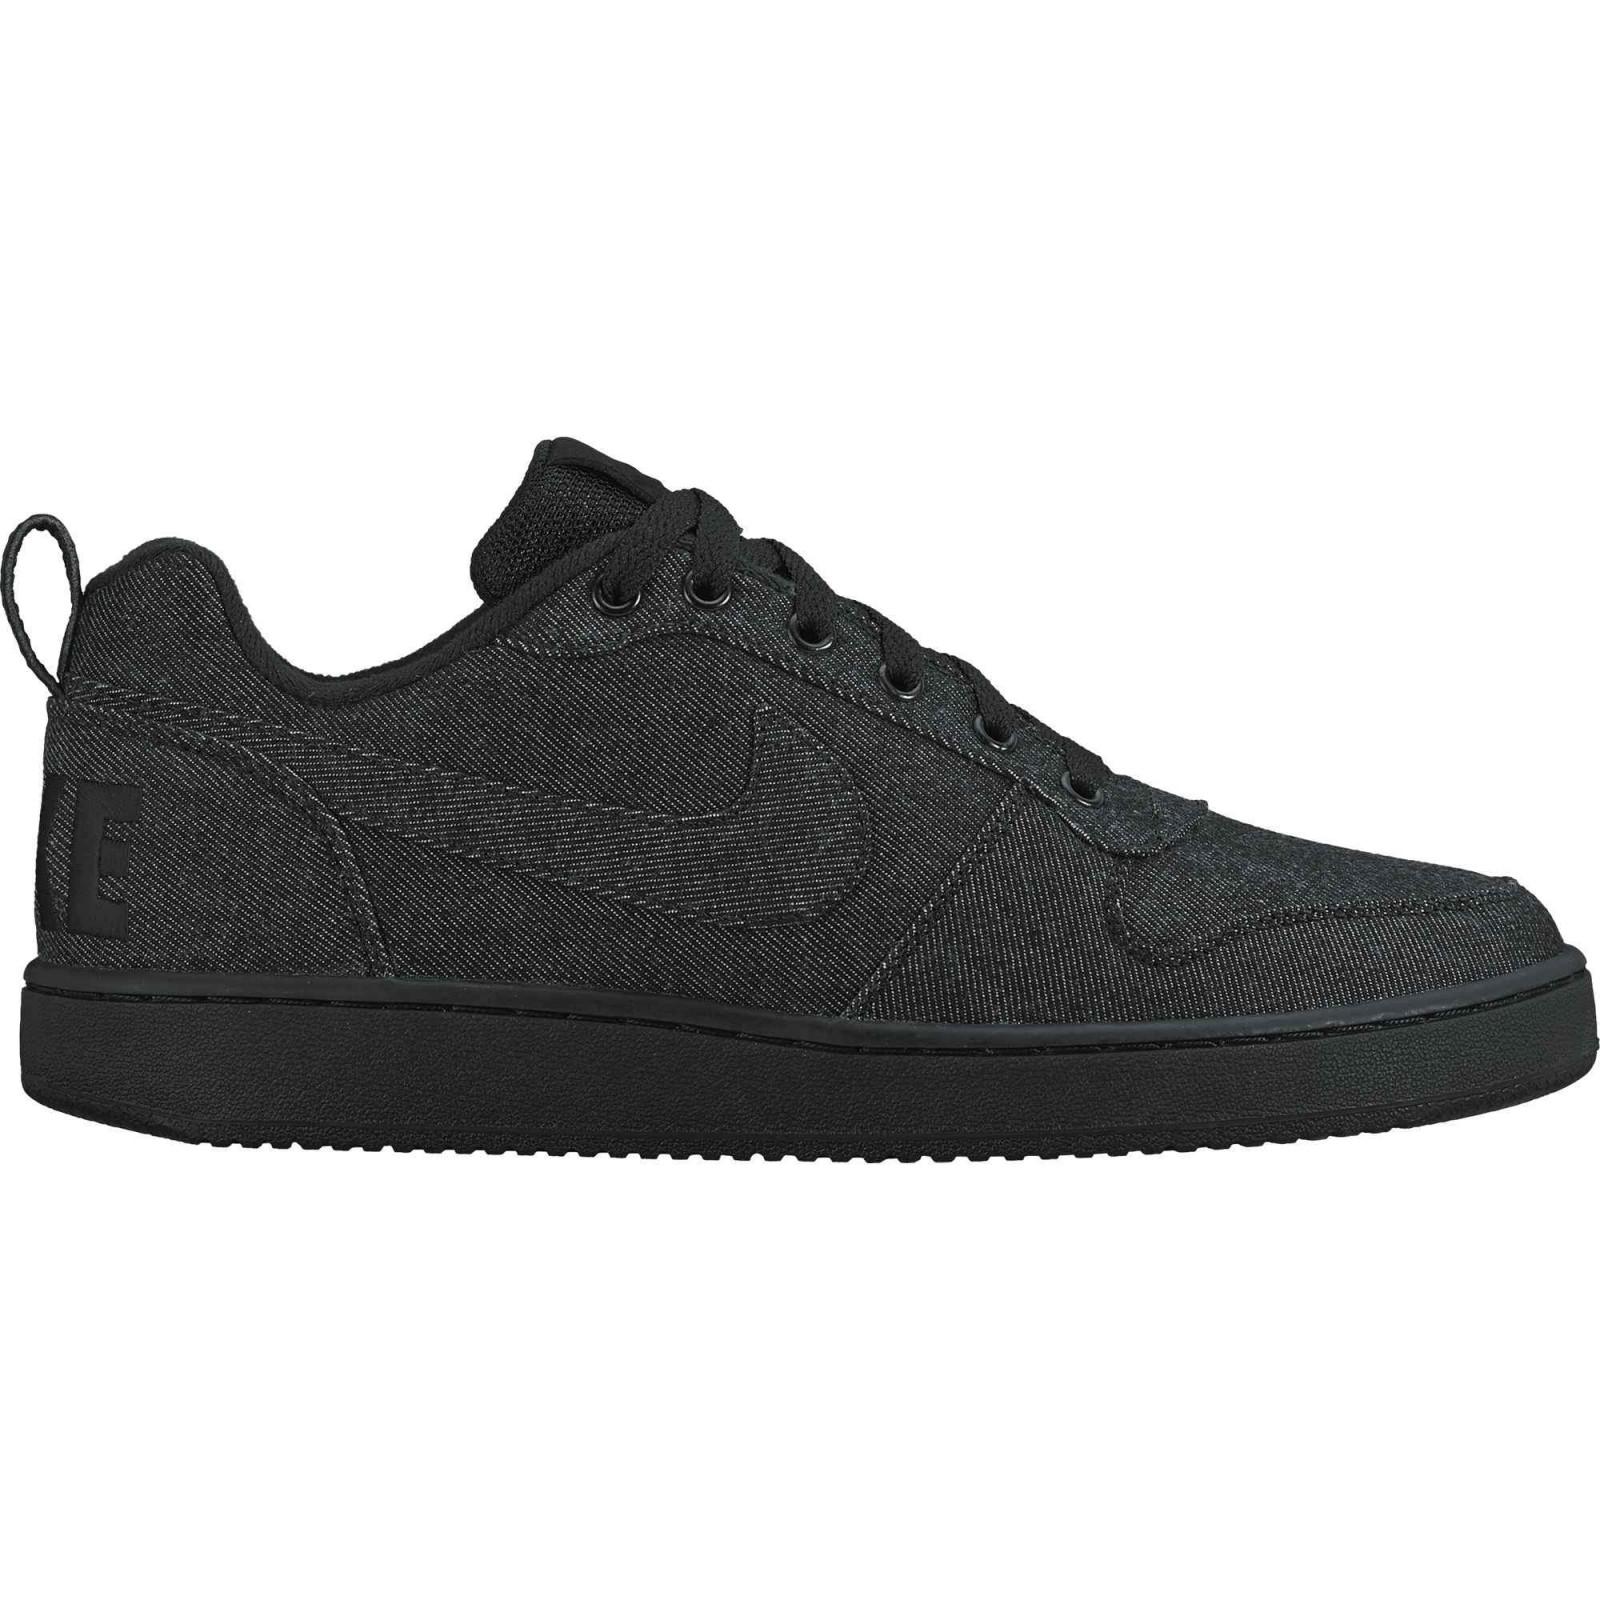 Pánské tenisky Nike COURT BOROUGH LOW PREM  332e0df1e31